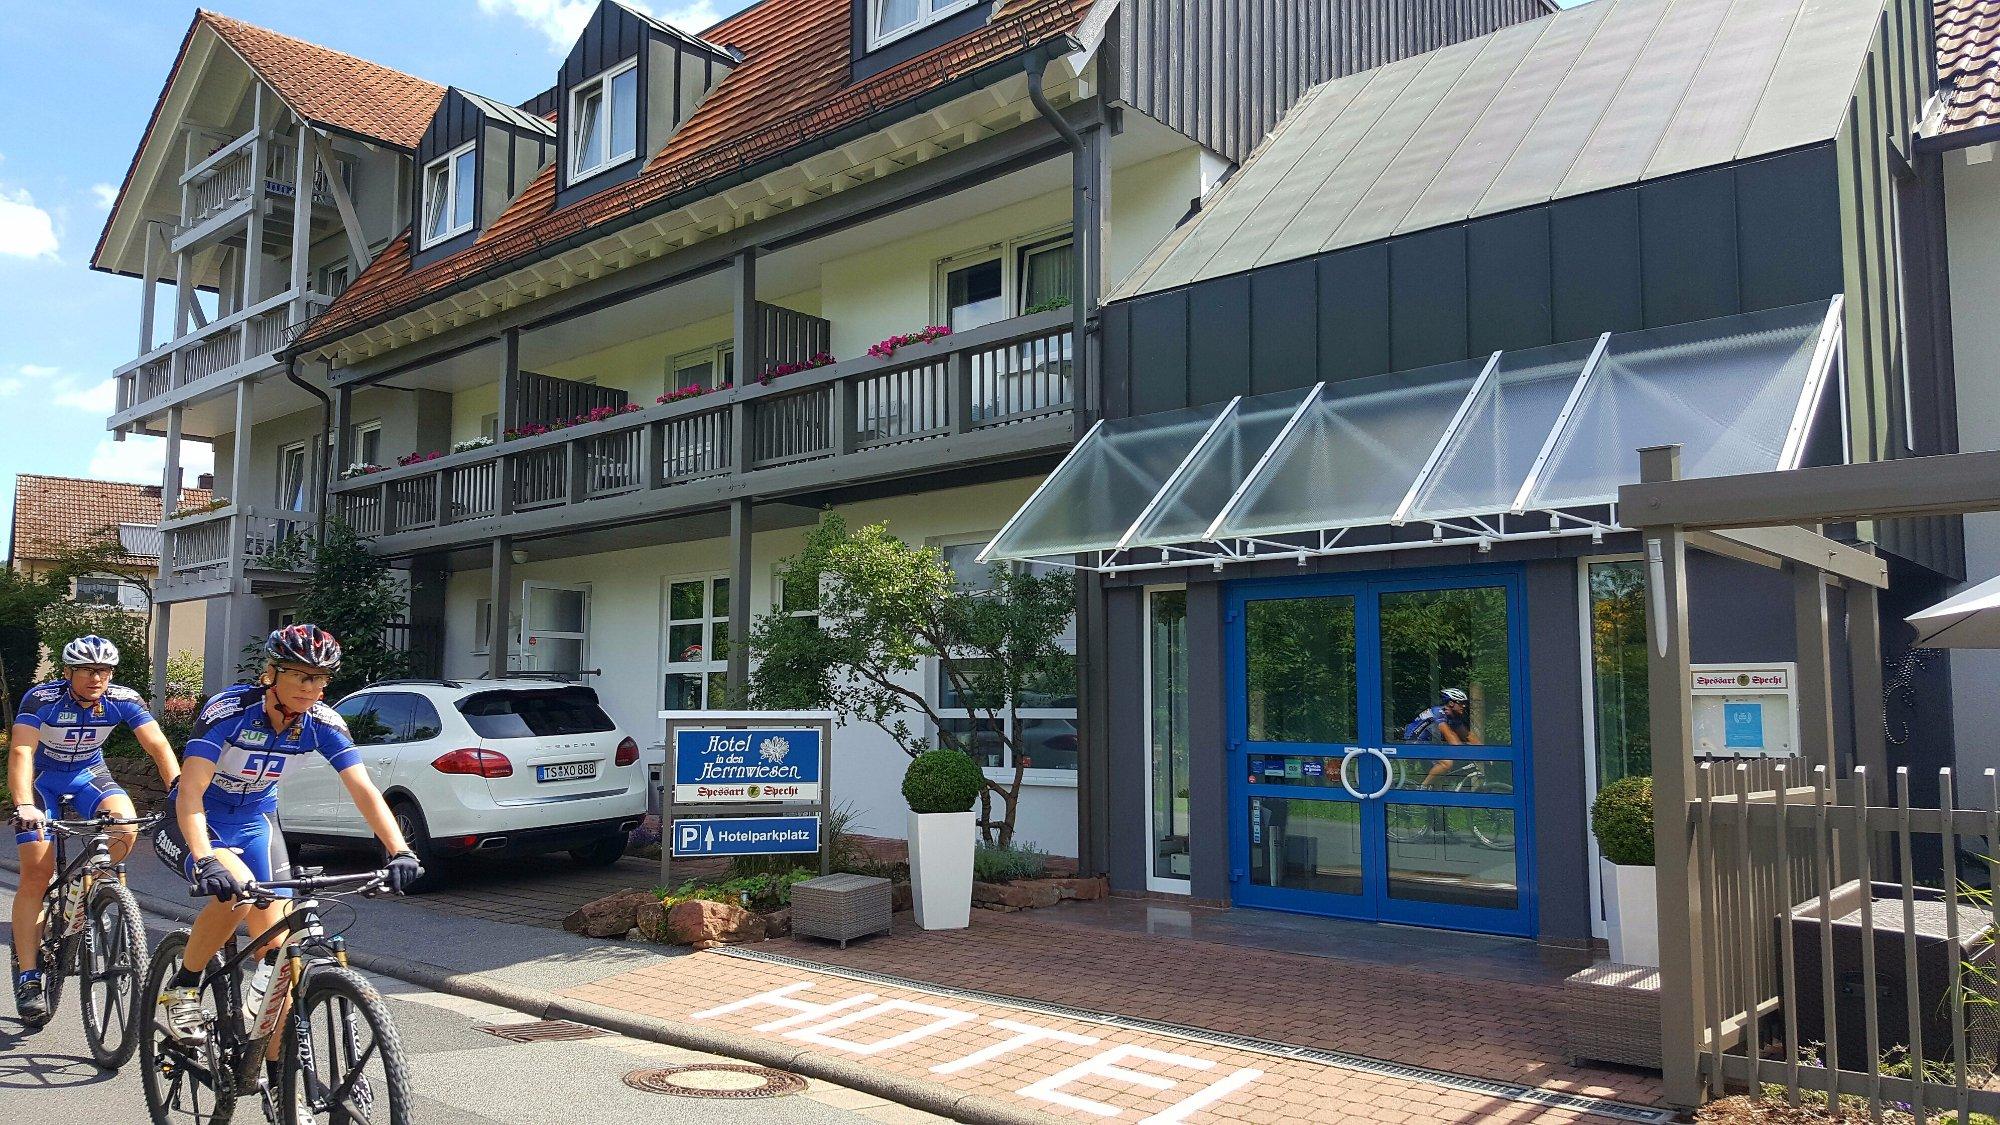 Hotel Herrnwiesen